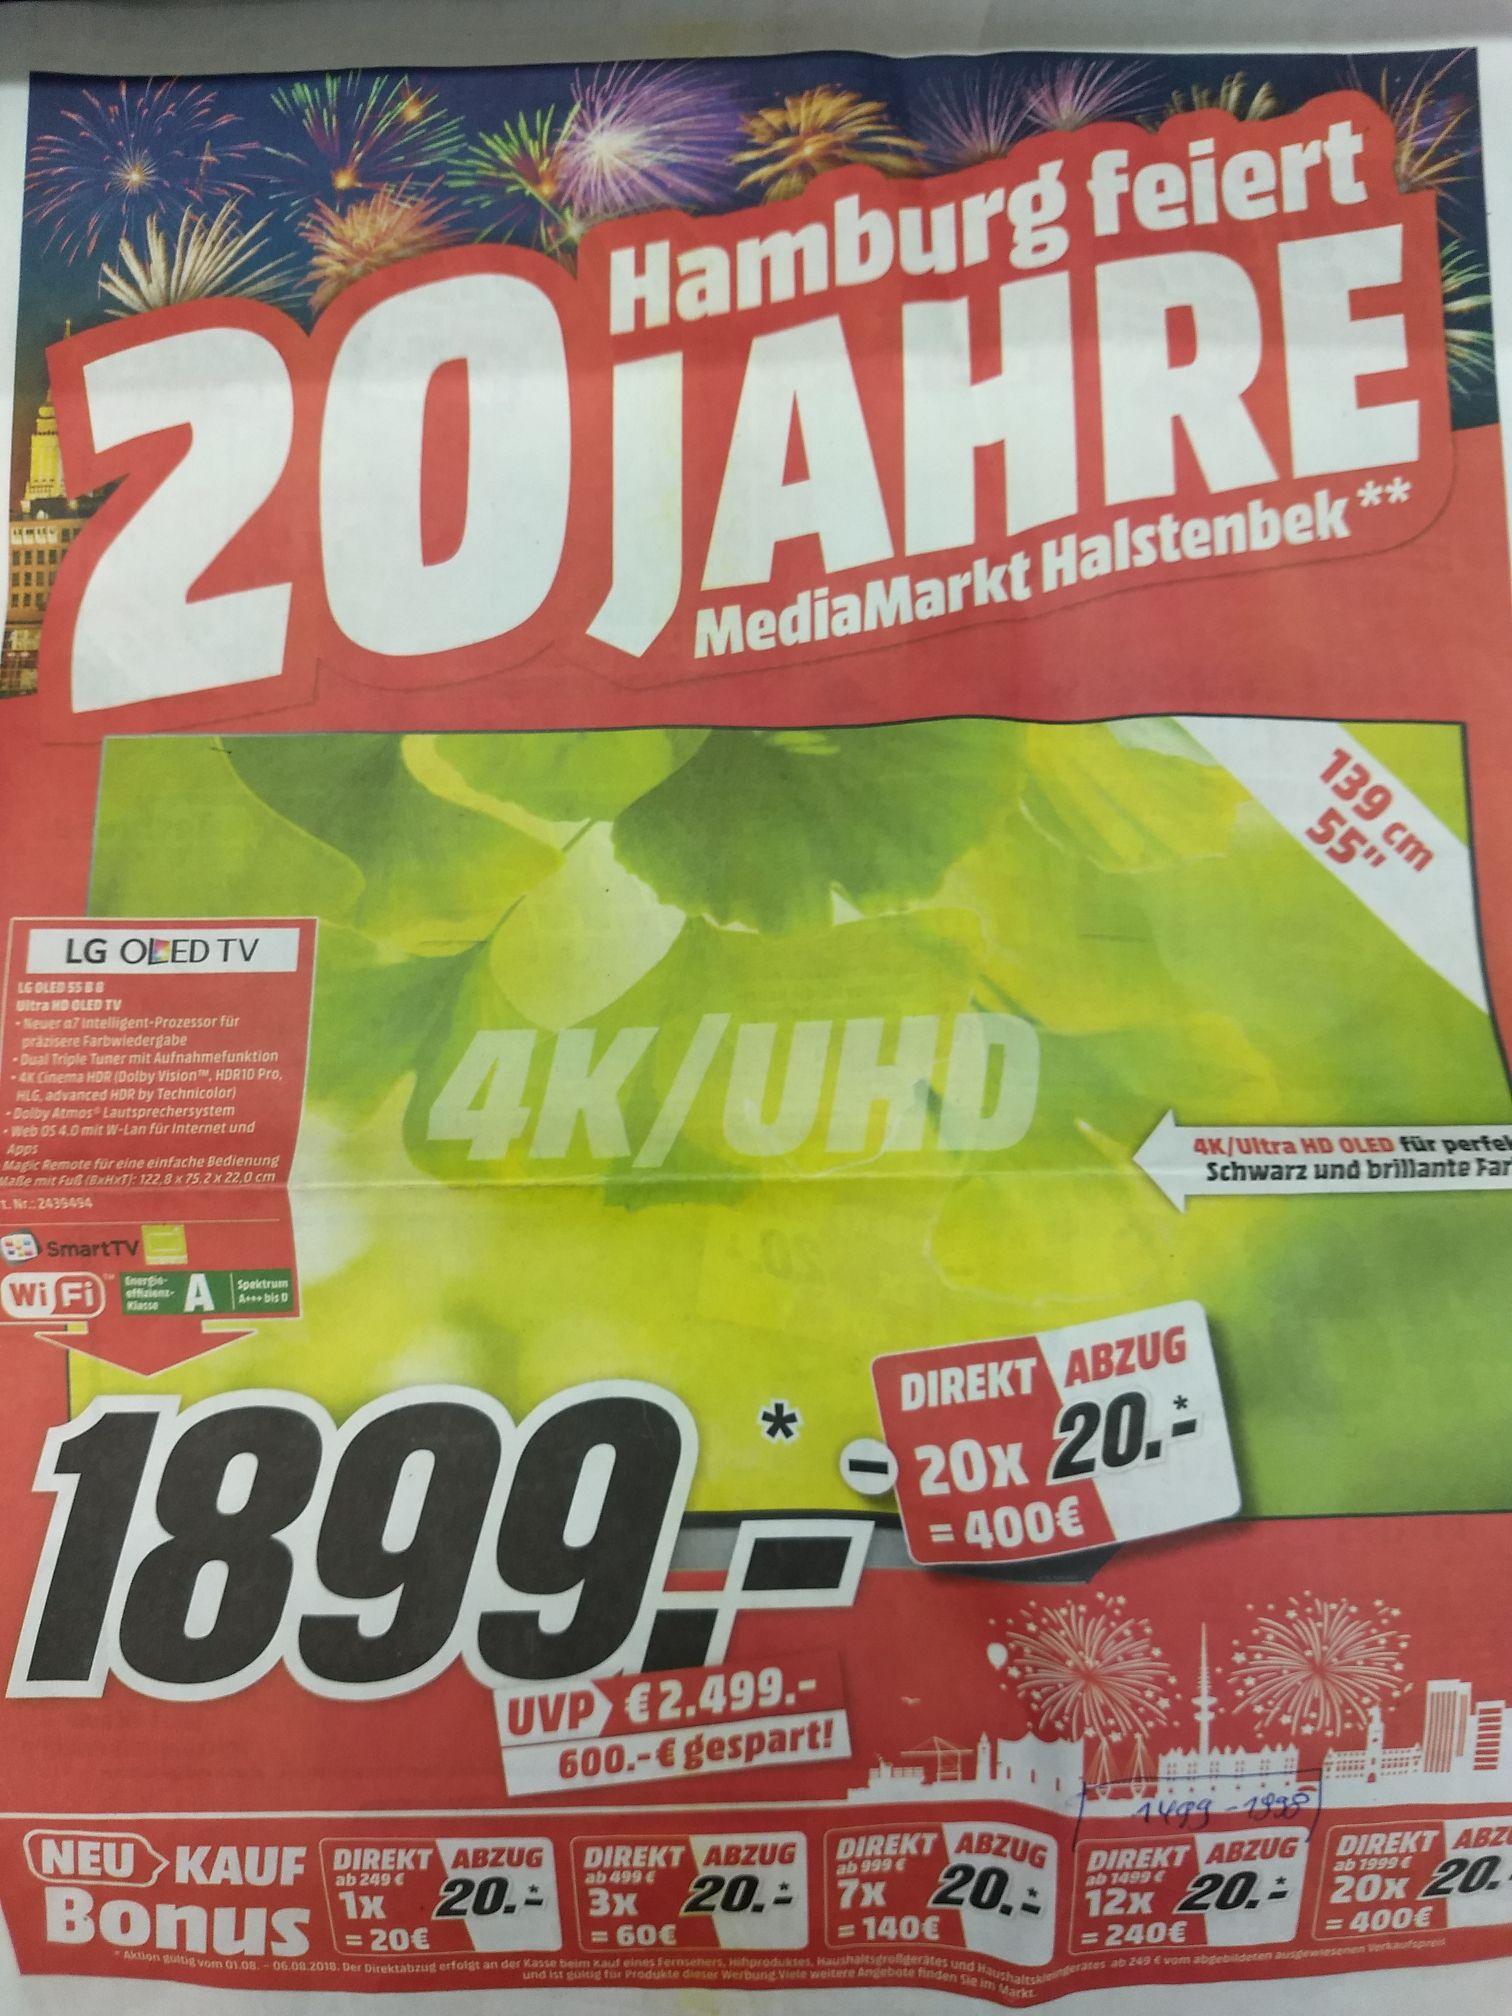 LG OLED 55 B 8 Lokal MM Hamburg Direktabzug